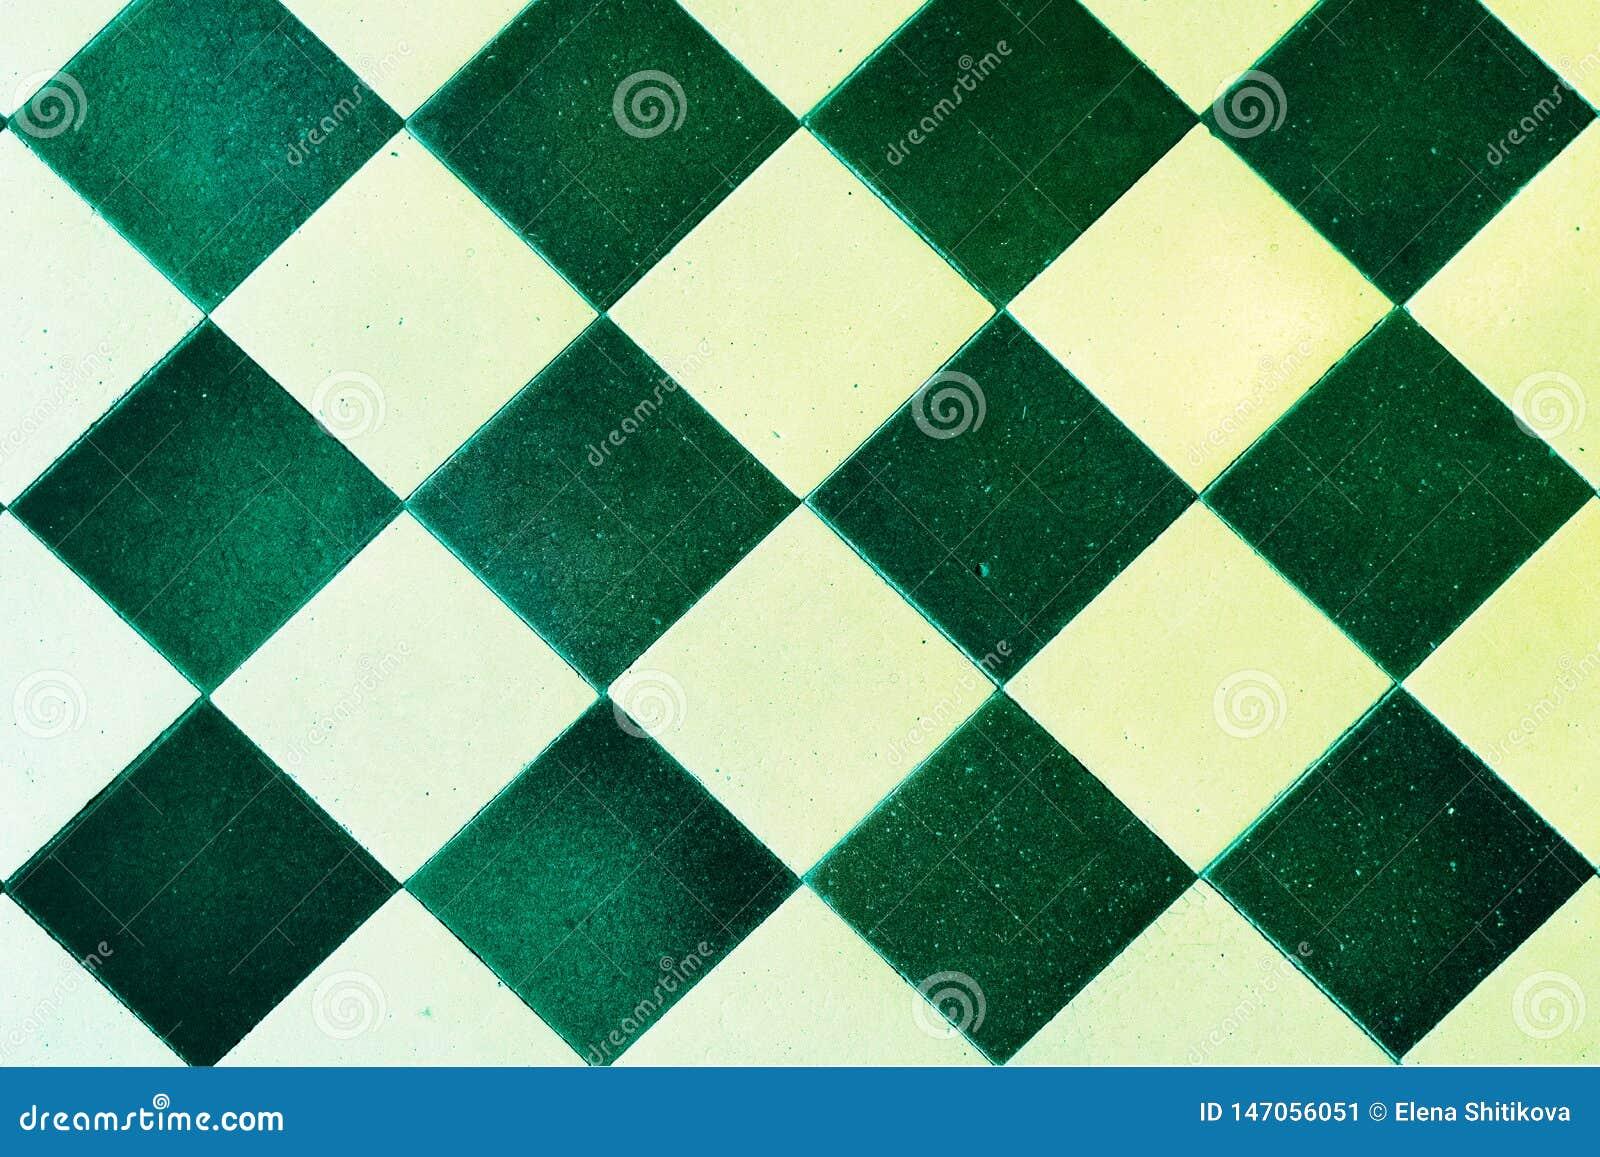 Starzy podłogowych płytek, zieleni i białych kwadraty,